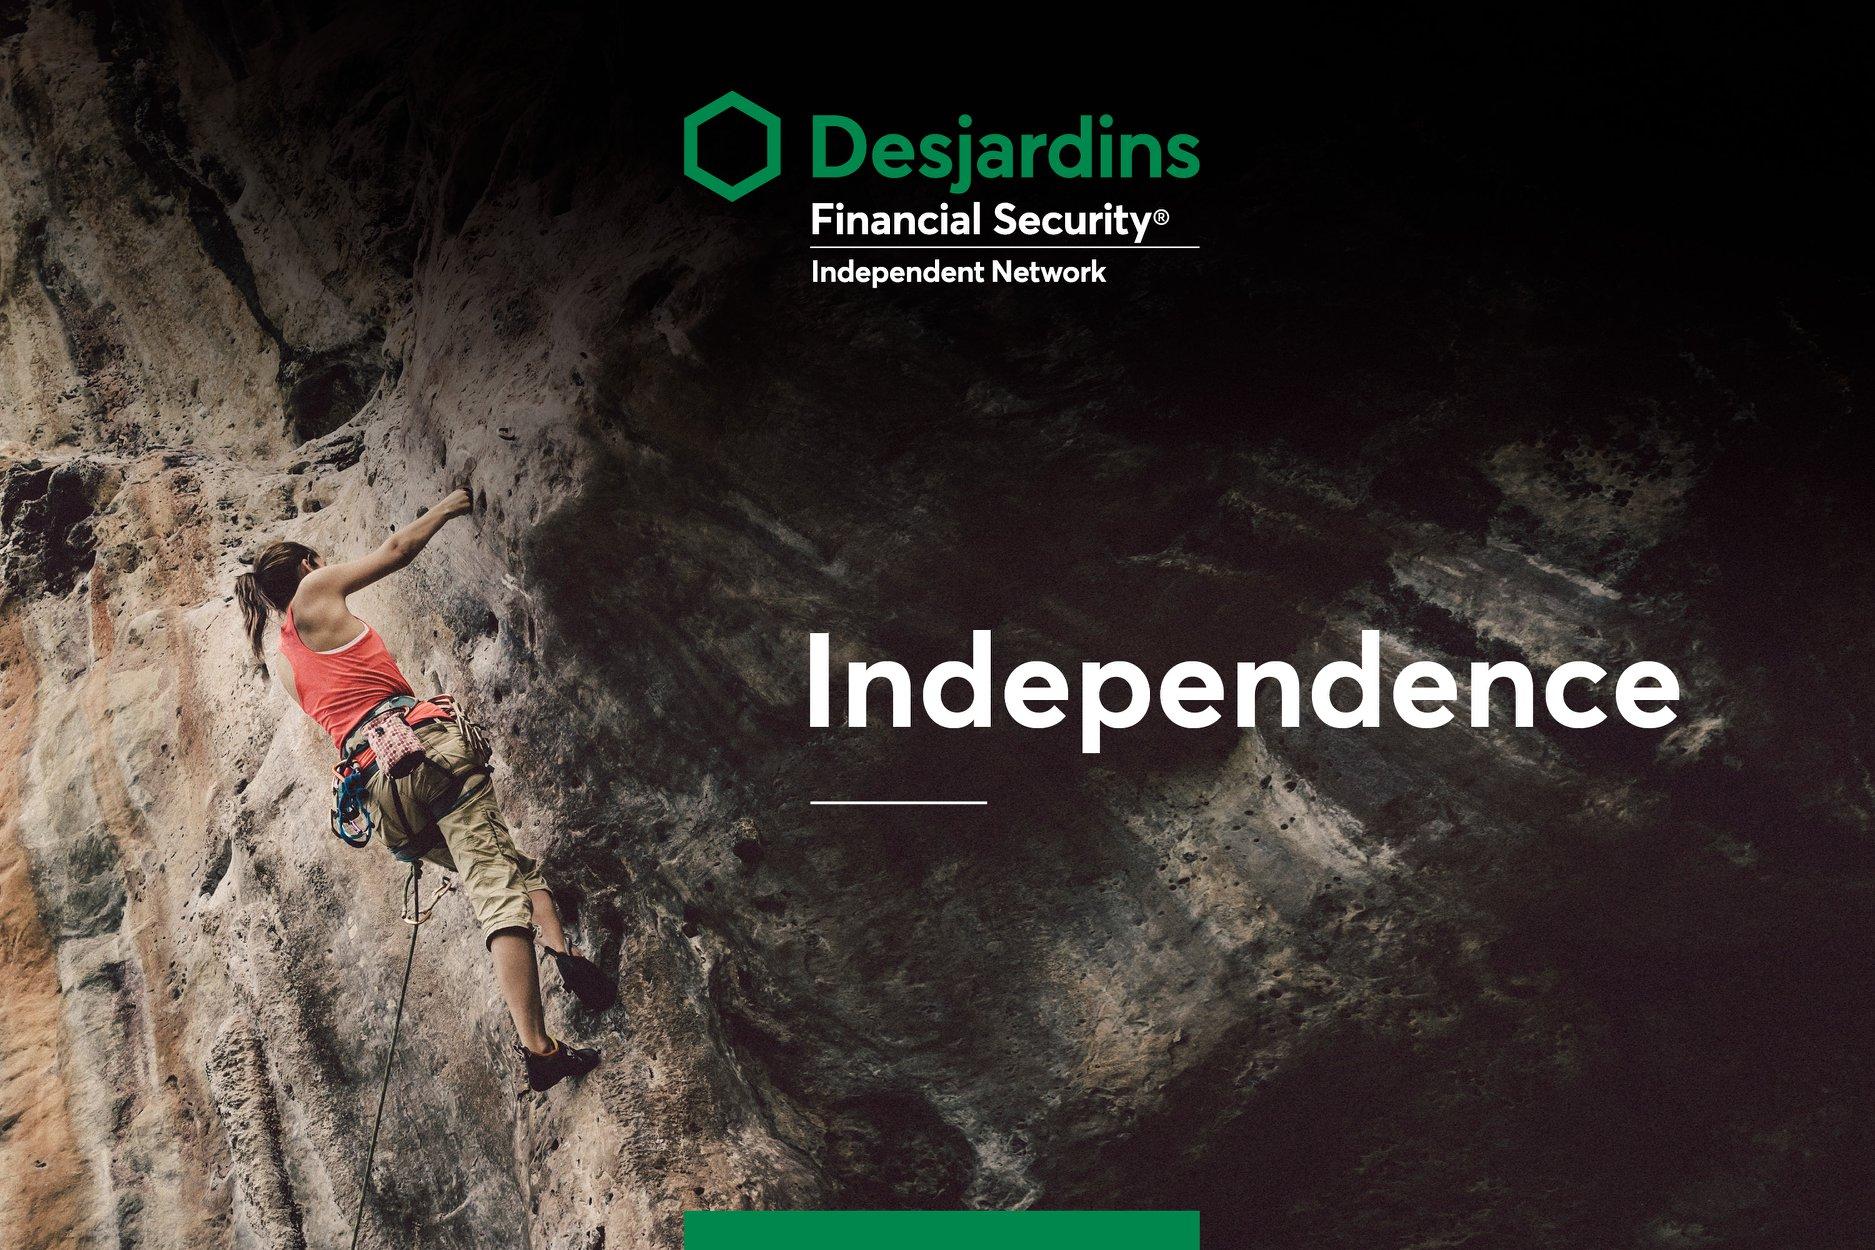 Desjardins Financial Security Independent Network